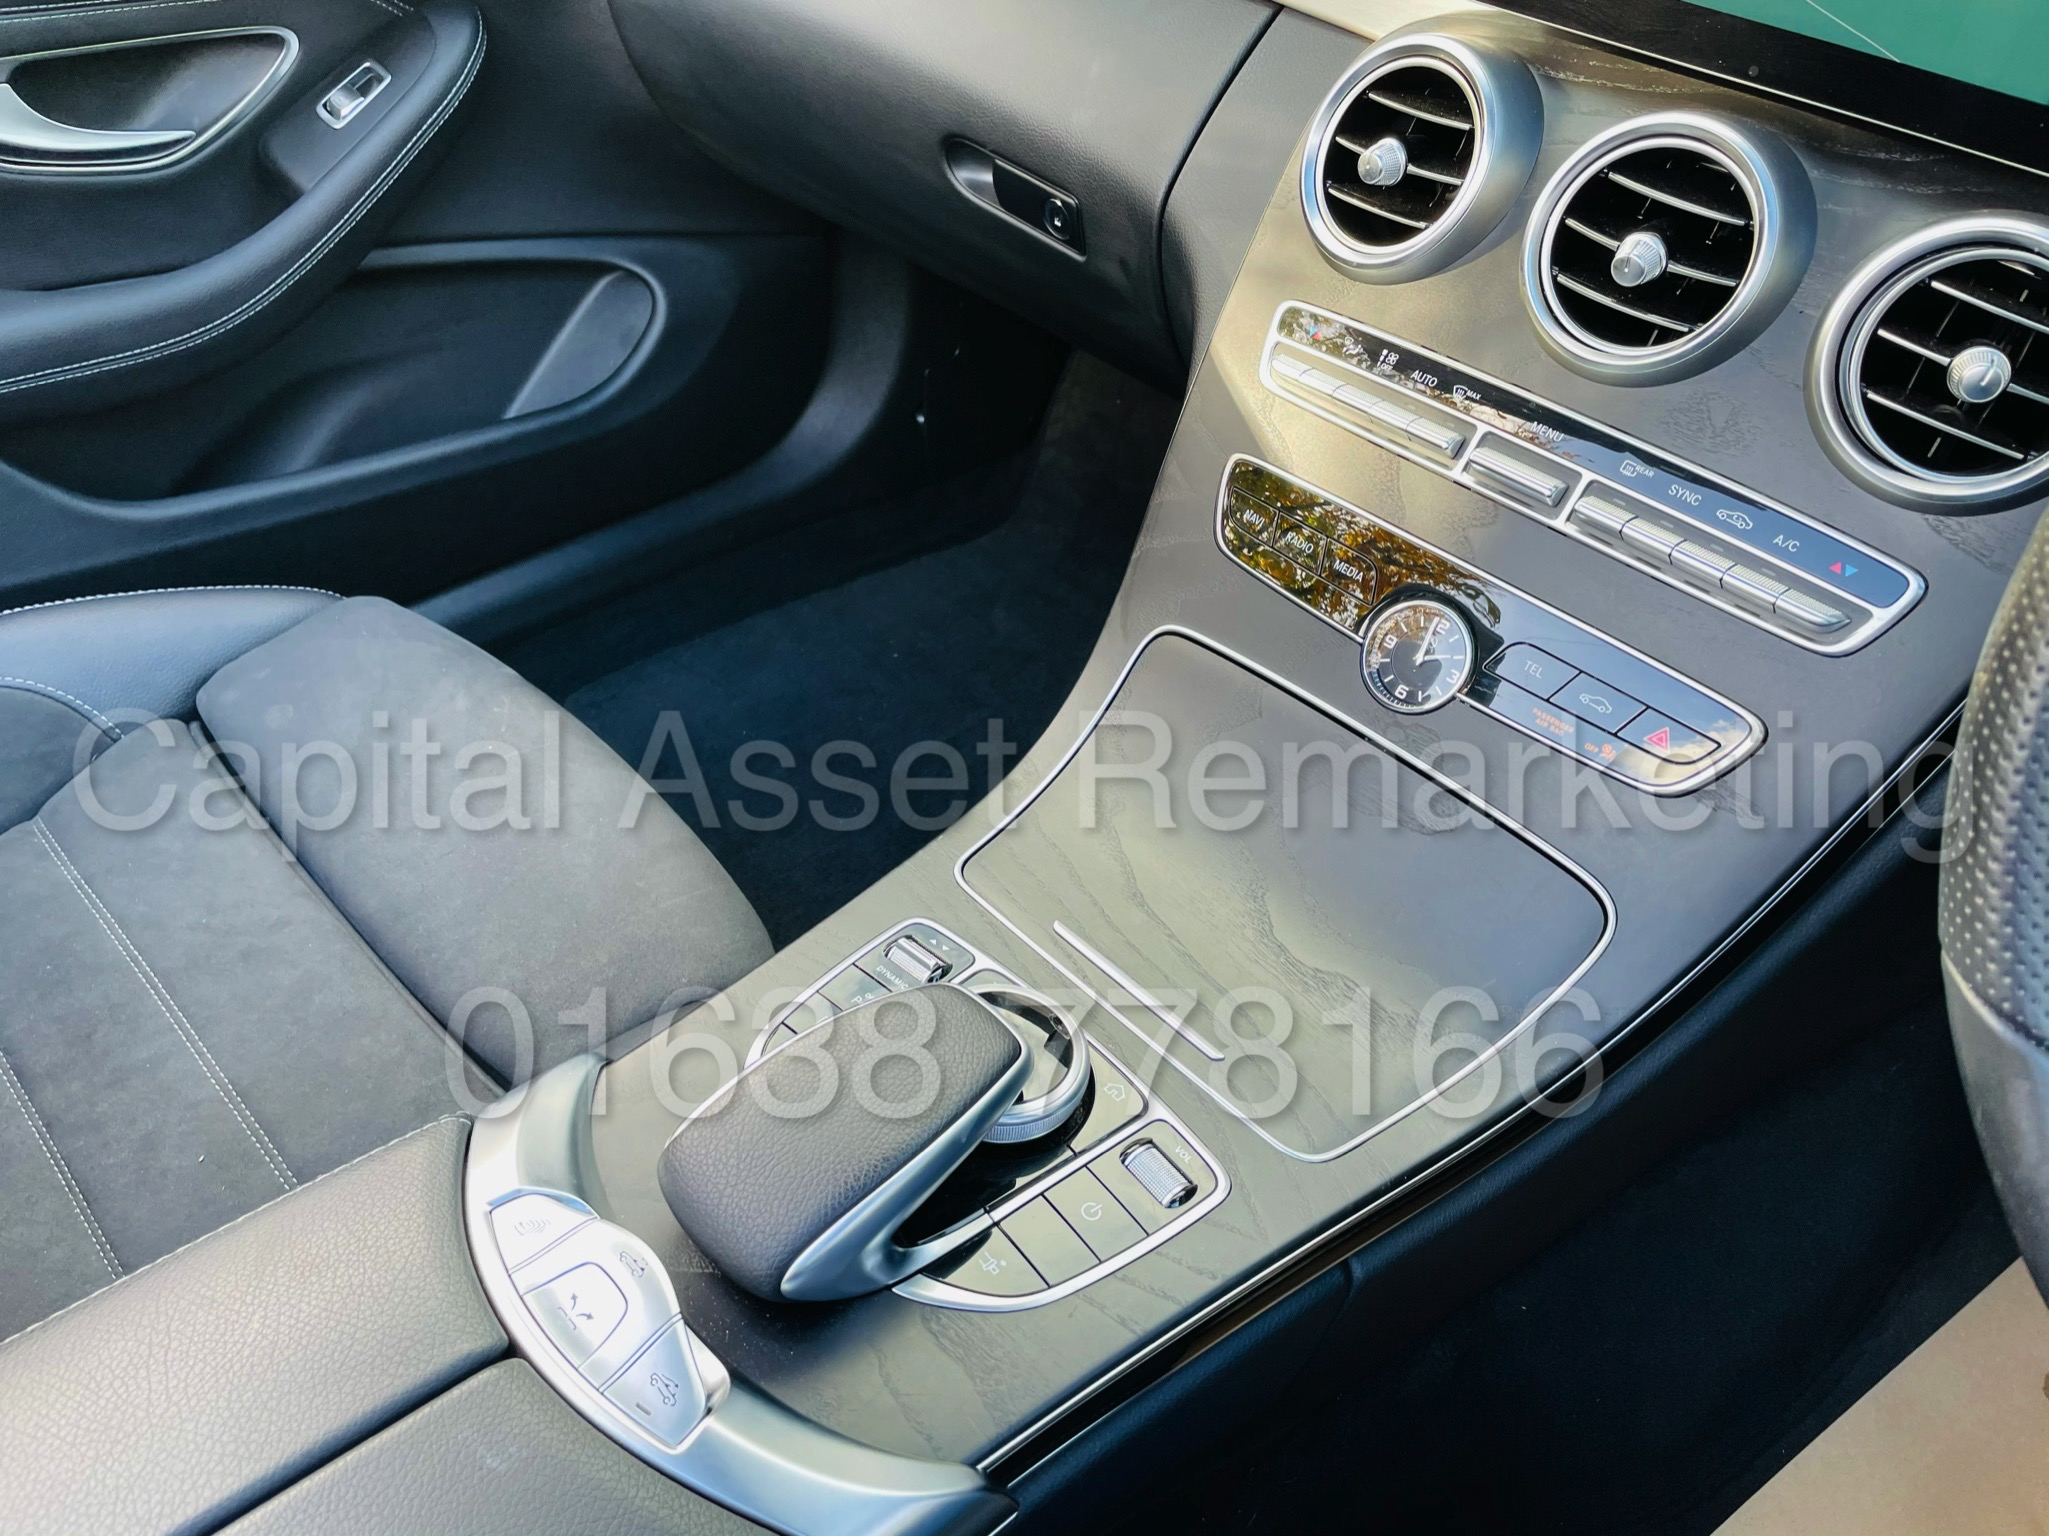 (On Sale) MERCEDES-BENZ C220D *AMG LINE -CABRIOLET* (2019) '9G AUTO - LEATHER - SAT NAV' *HUGE SPEC* - Image 39 of 43